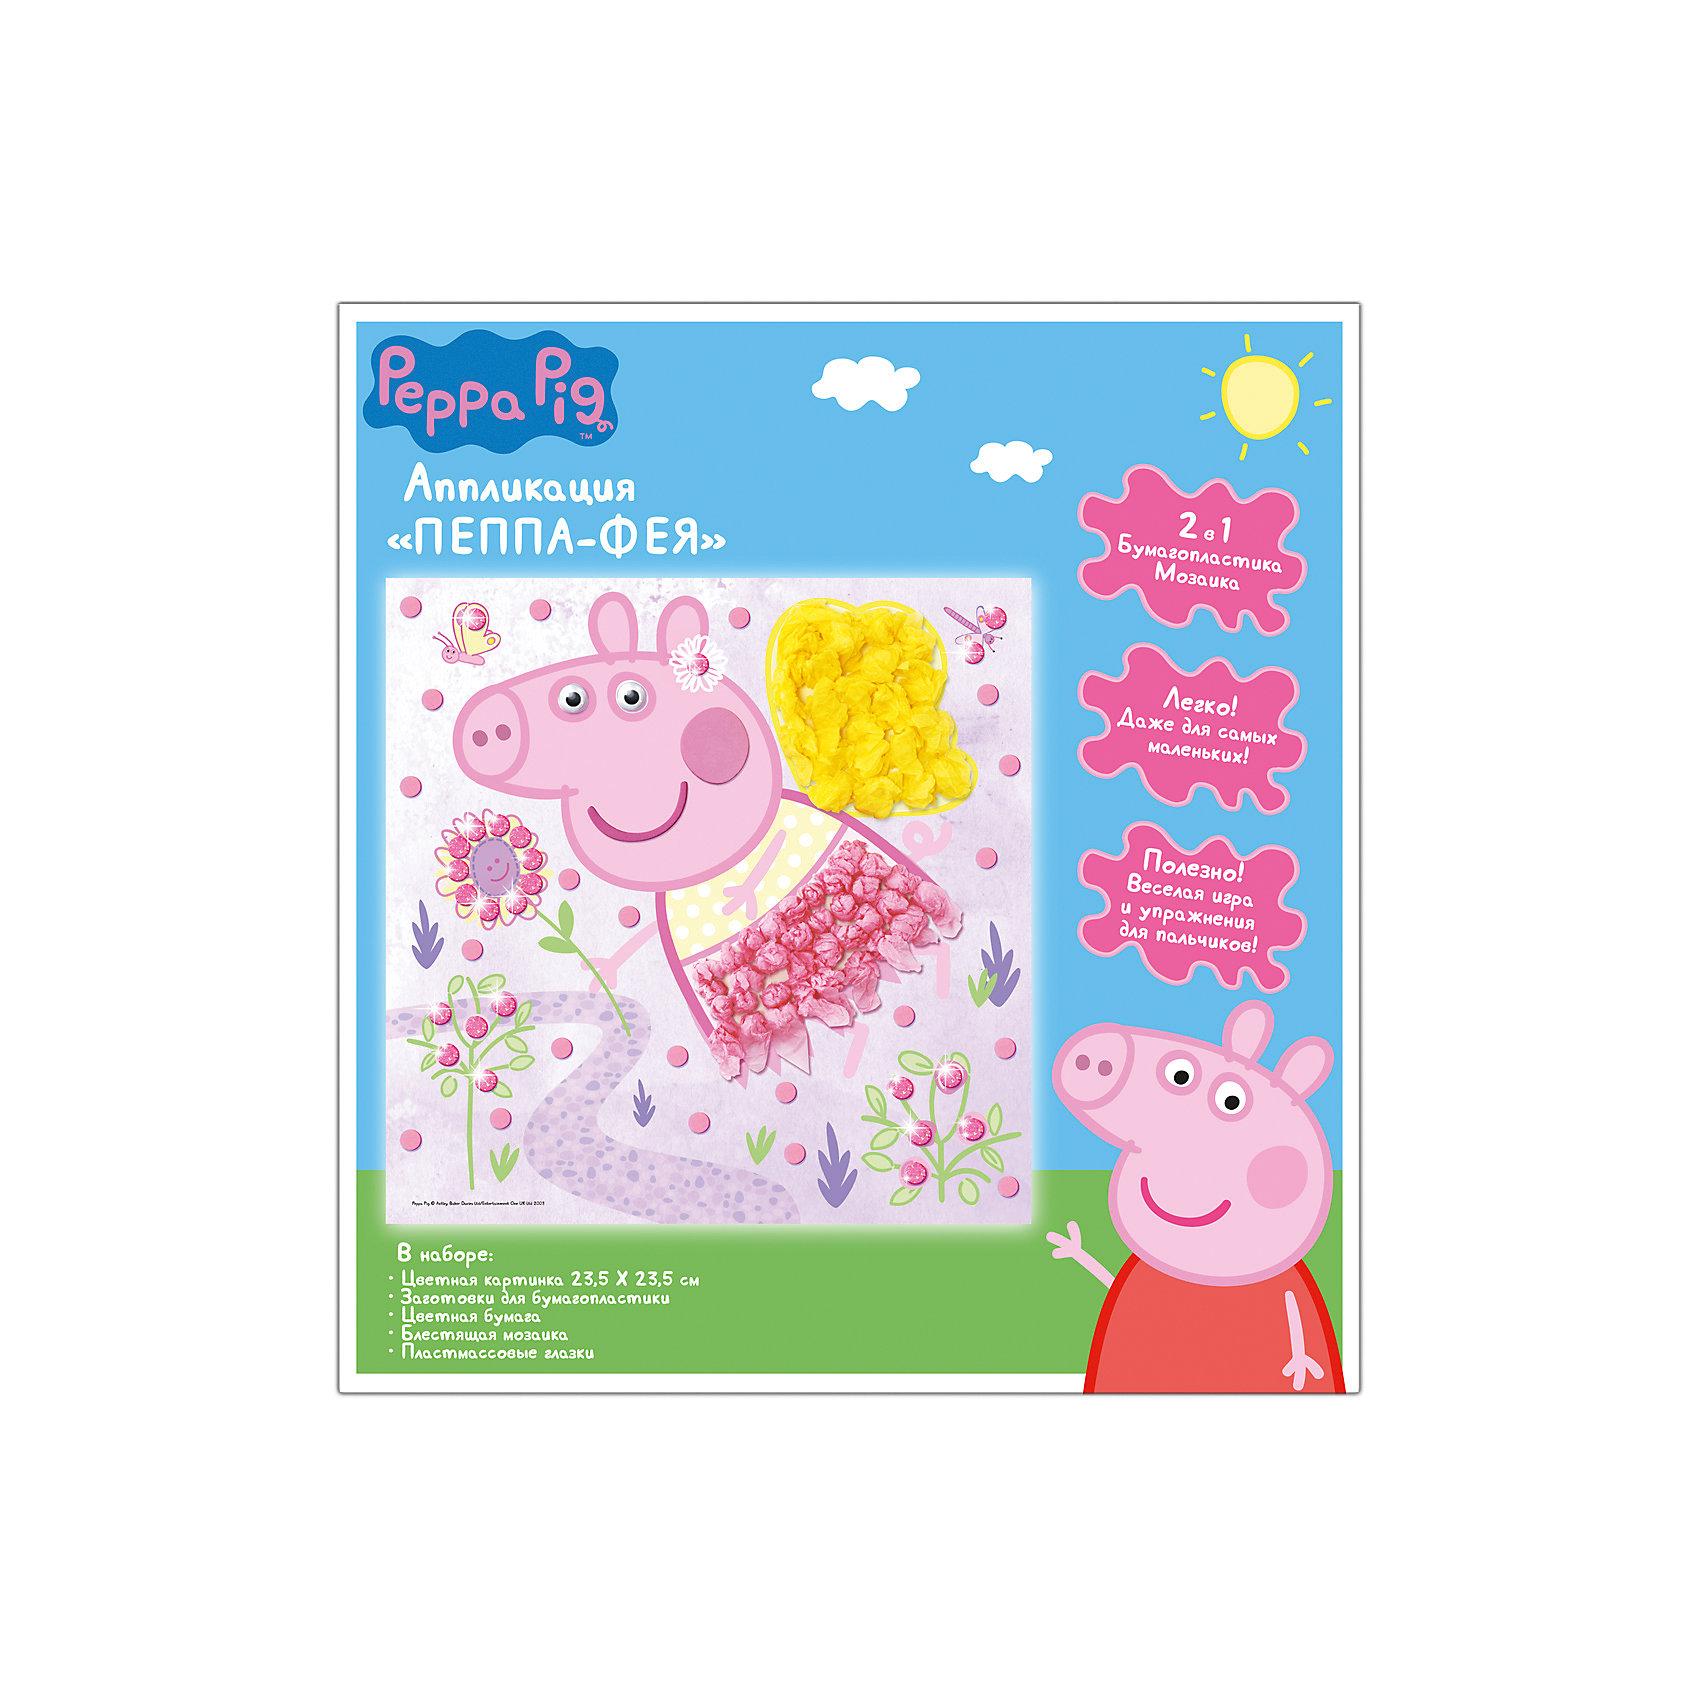 Аппликация ПЕППА ФЕЯ,23,5*23,5cмИгровой набор «Пеппа-фея» - это веселая игра и эффективное упражнение для пальчиков малыша, включающее бумагопластику и мозаику. Скатайте из тонкой цветной бумаги шарики или сомните ее. Снимите защитный слой с картонной заготовки и выложите цветные шарики на клеевую основу. Прикрепите получившуюся аппликацию к цветной картинке с помощью двустороннего скотча, приклейте пластиковые глазки и украсьте поделку цветными деталями мозаики. Очаровательная 3D-картинка готова! А главное – это по силам даже самым маленьким.&#13;<br>В наборе для аппликации «Пеппа-фея» ТМ «Свинка Пеппа»: цветная картонная картинка (23х23 см), фигурка Пеппы с клеевой основой, набор цветной бумаги для бумагопластики, блестящие детали мозаики из мягкого, приятного на ощупь материала ЭВА, пластмассовые вращающиеся глазки, двухсторонний скотч. Товар сертифицирован.<br><br>Ширина мм: 255<br>Глубина мм: 240<br>Высота мм: 2<br>Вес г: 64<br>Возраст от месяцев: 84<br>Возраст до месяцев: 108<br>Пол: Унисекс<br>Возраст: Детский<br>SKU: 5016367